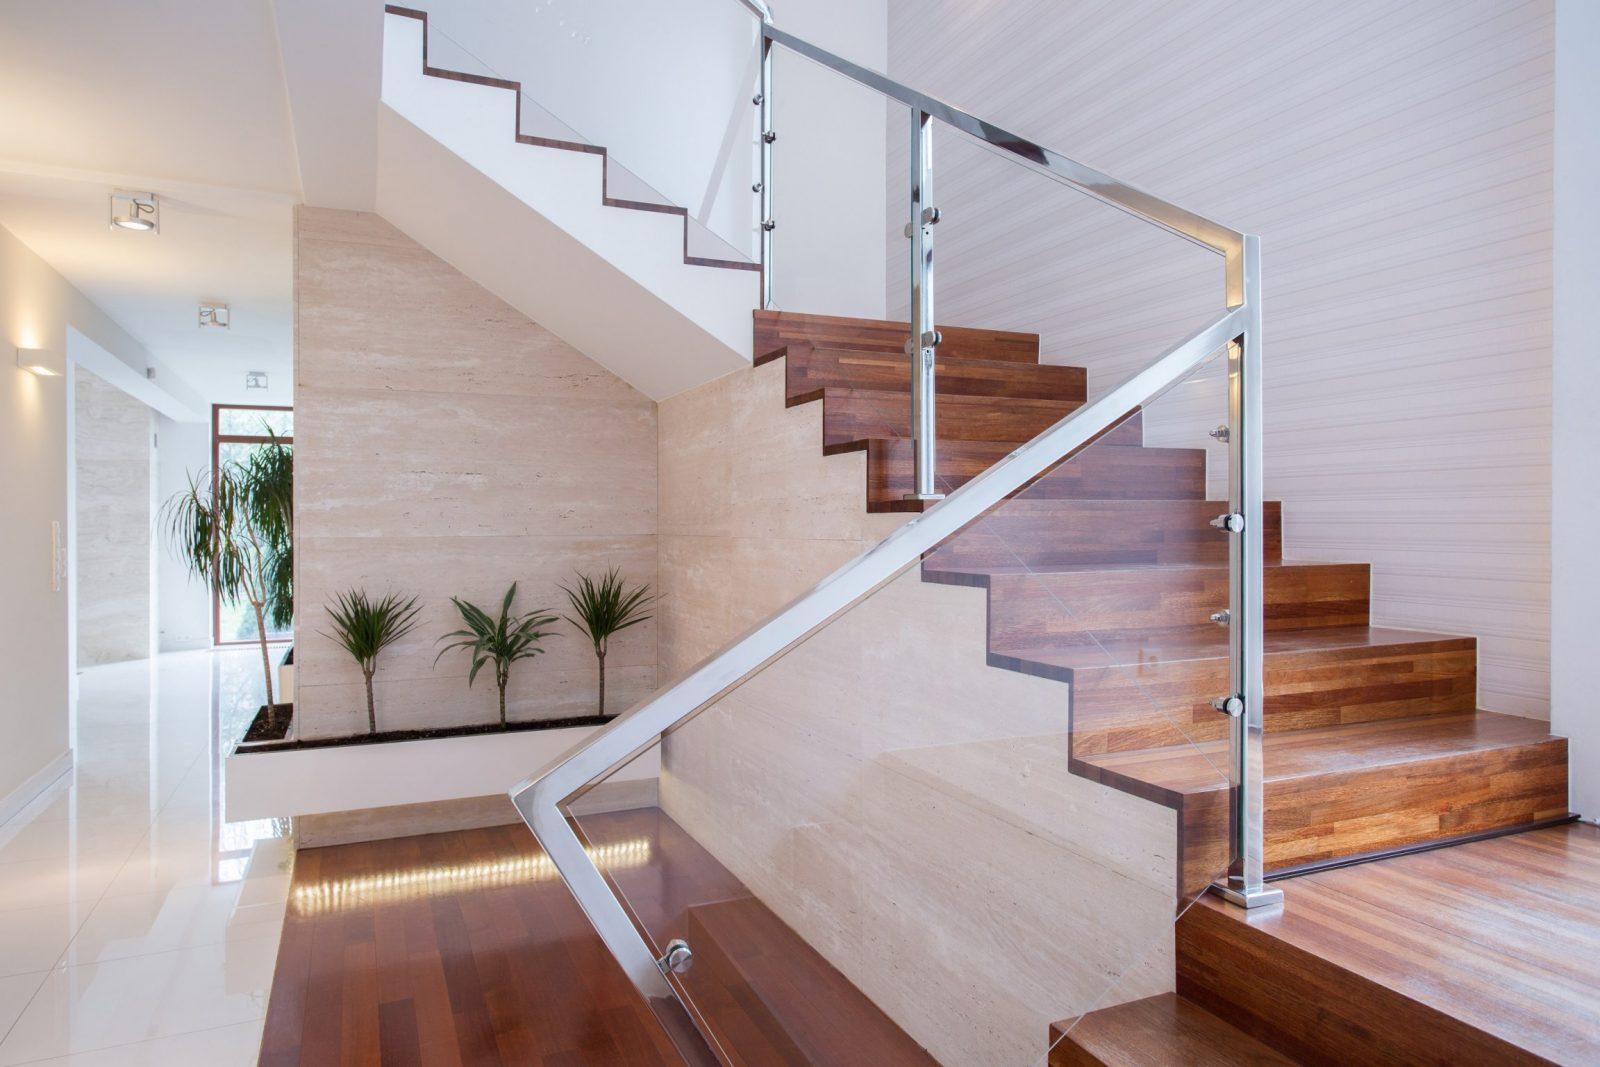 Treppenhausgestaltung Füers Einfamilienhaus 10 Ideen von Altes Treppenhaus Neu Gestalten Bild